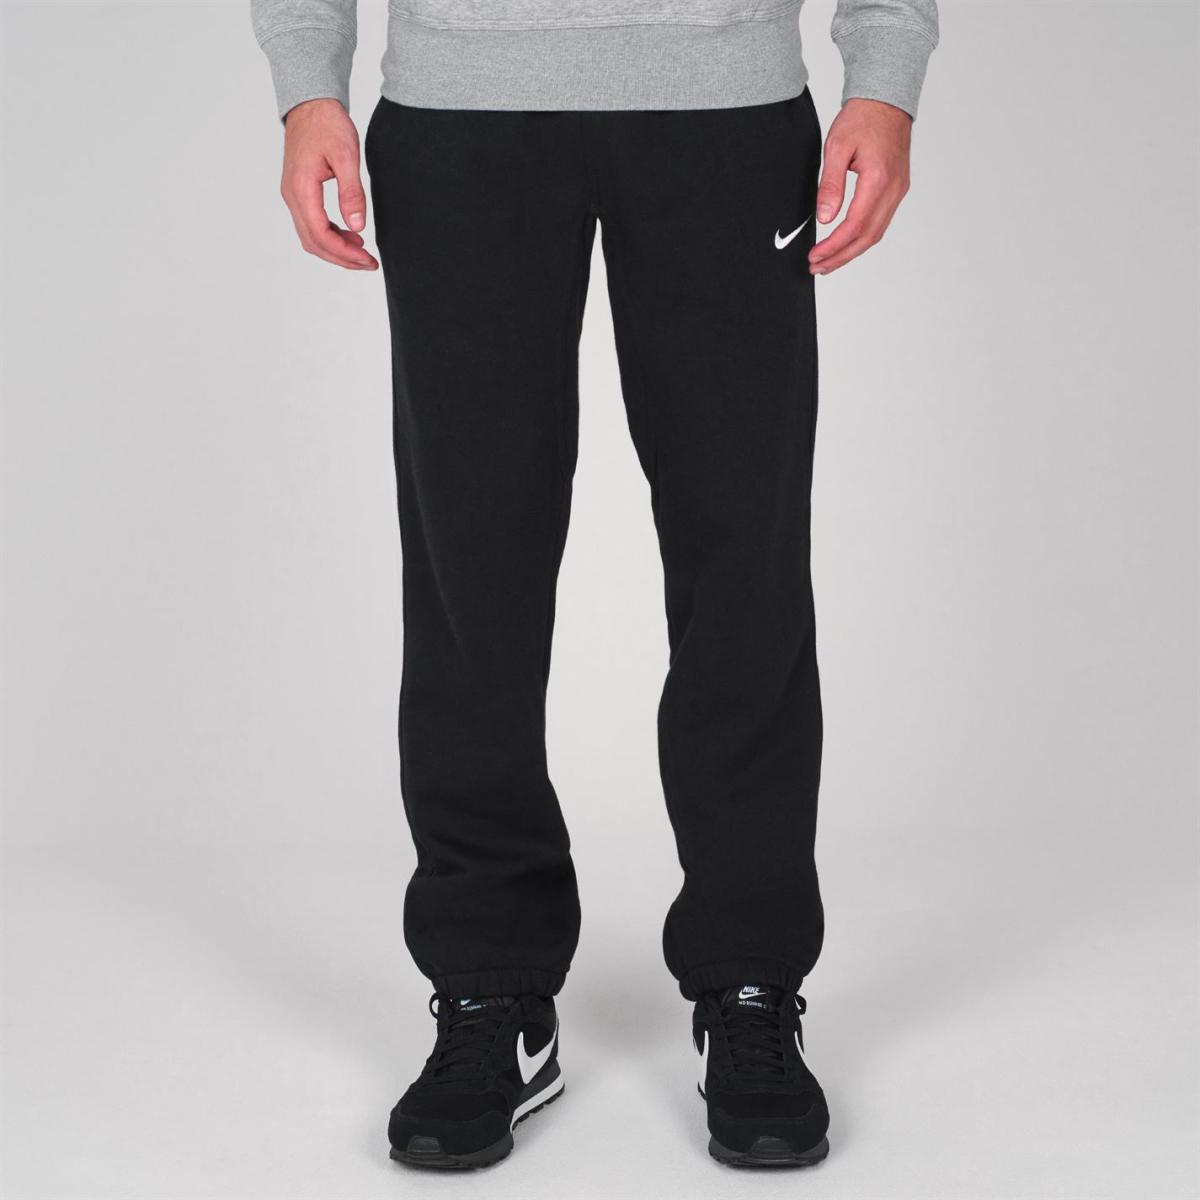 Details about Nike Trainingshose Jogginghose Sporthose Herren Track Hose Fitness Fleece 1010